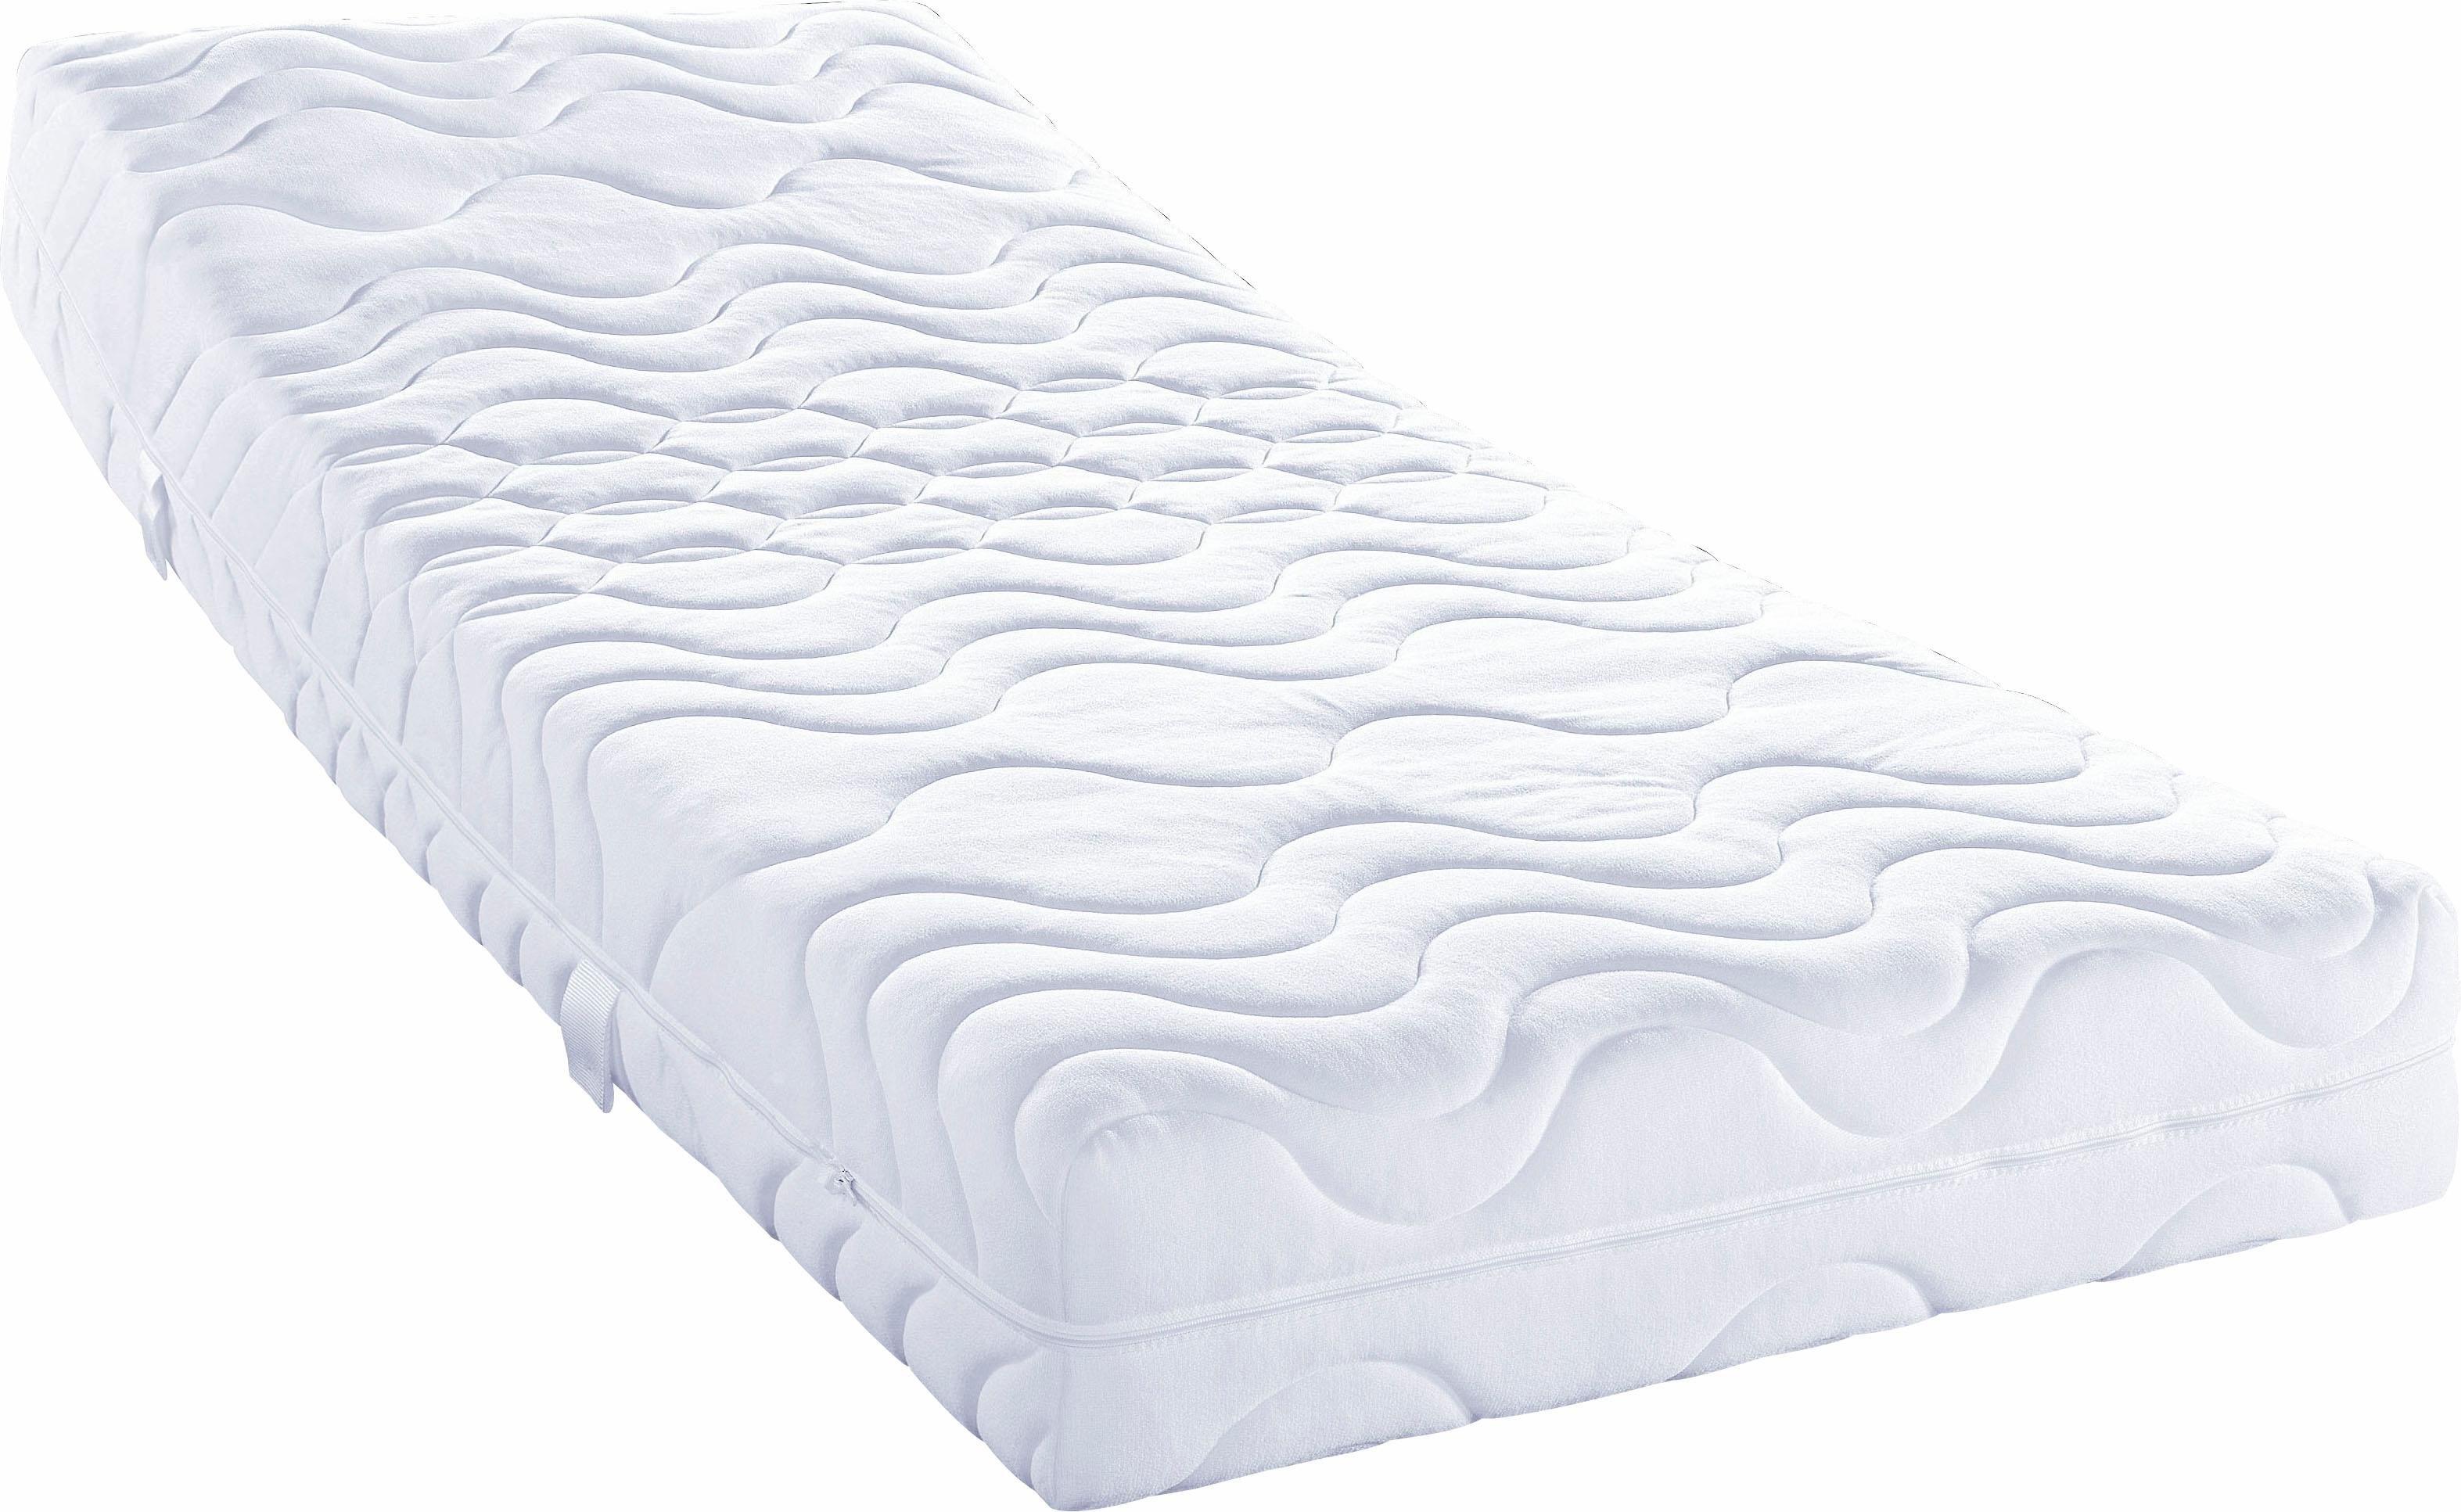 Beco Comfortschuimmatras »Standard«, 20 cm dik, dichtheid: 28 goedkoop op otto.nl kopen